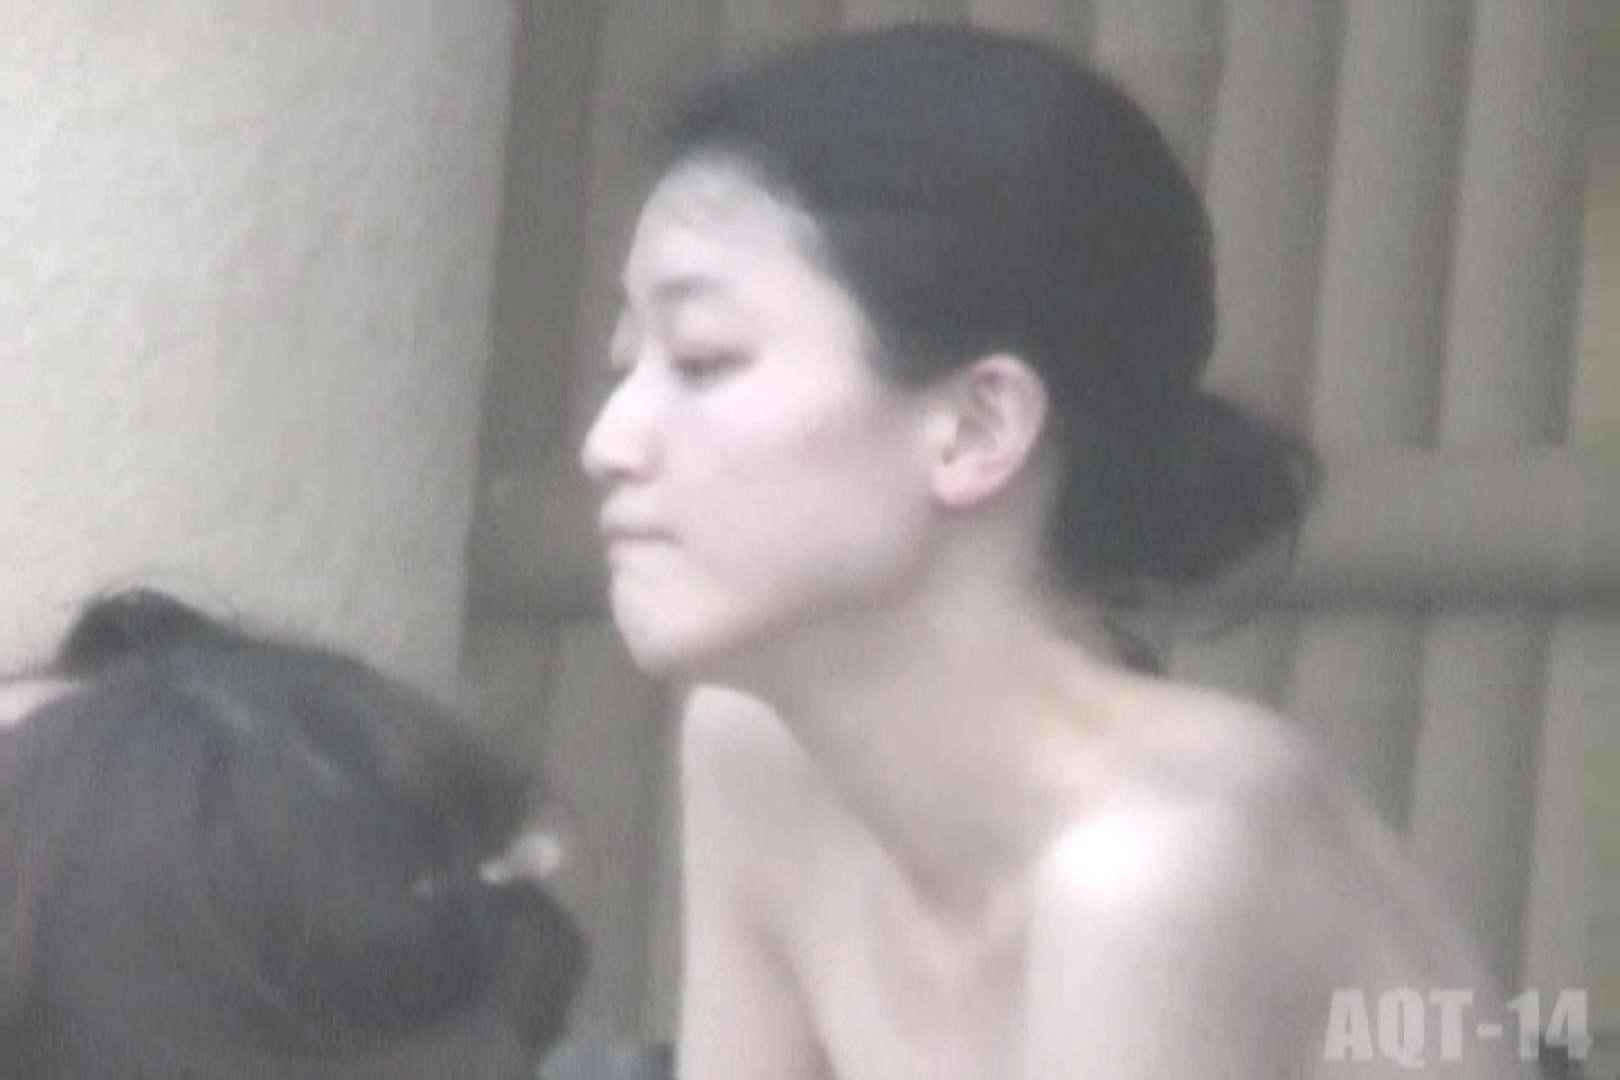 Aquaな露天風呂Vol.829 盗撮動画 | 露天風呂  11枚 9